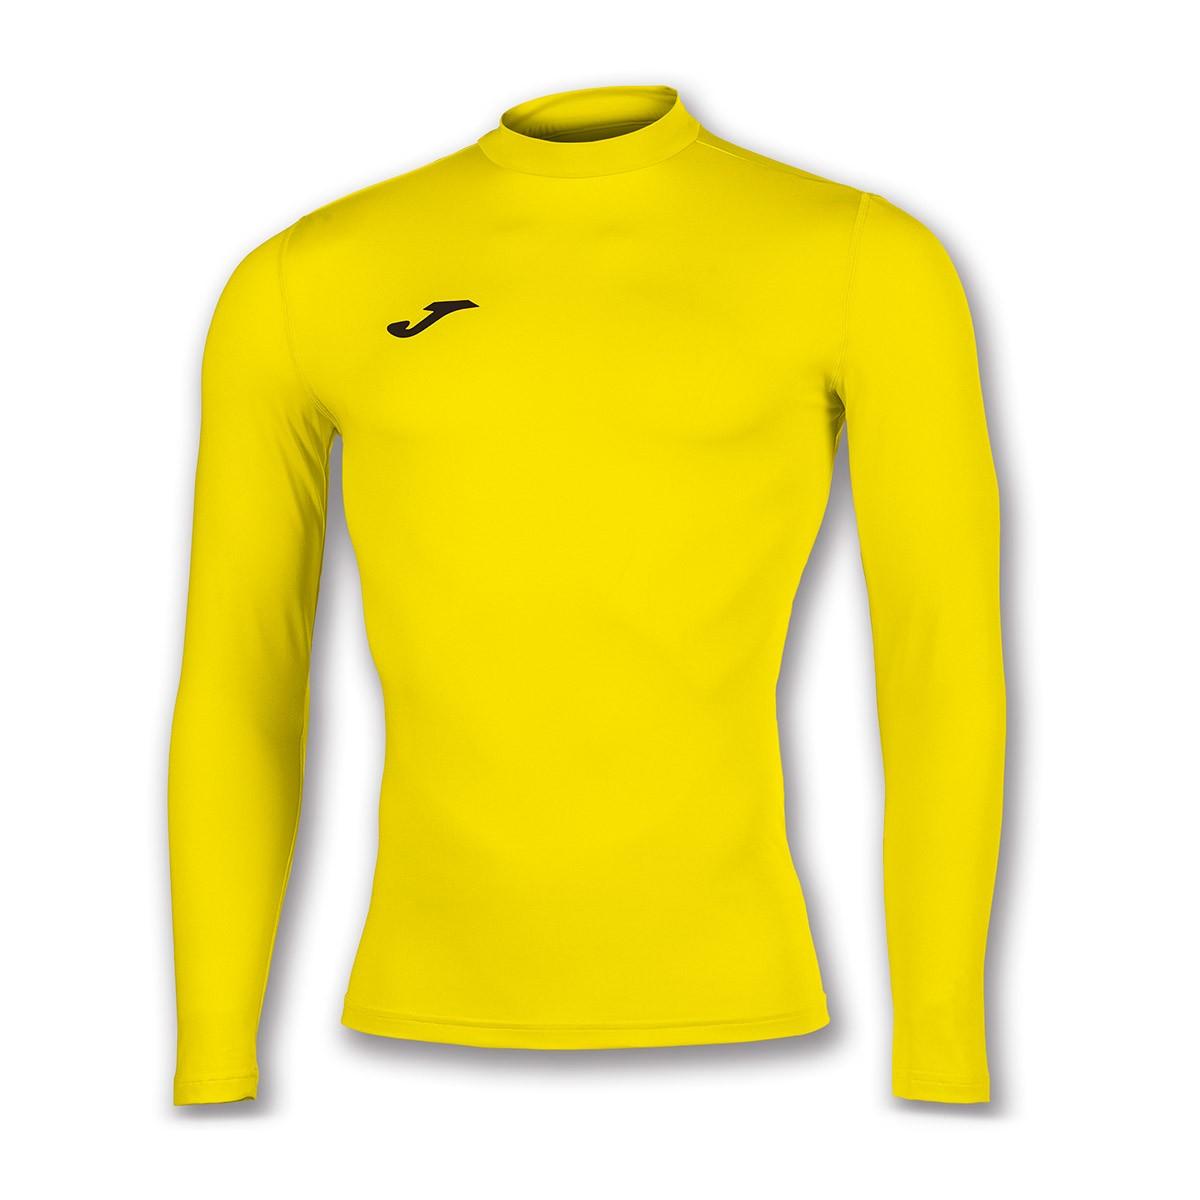 73f74af5f9 Camiseta Joma Térmica m l Brama Academy Amarillo - Soloporteros es ahora  Fútbol Emotion